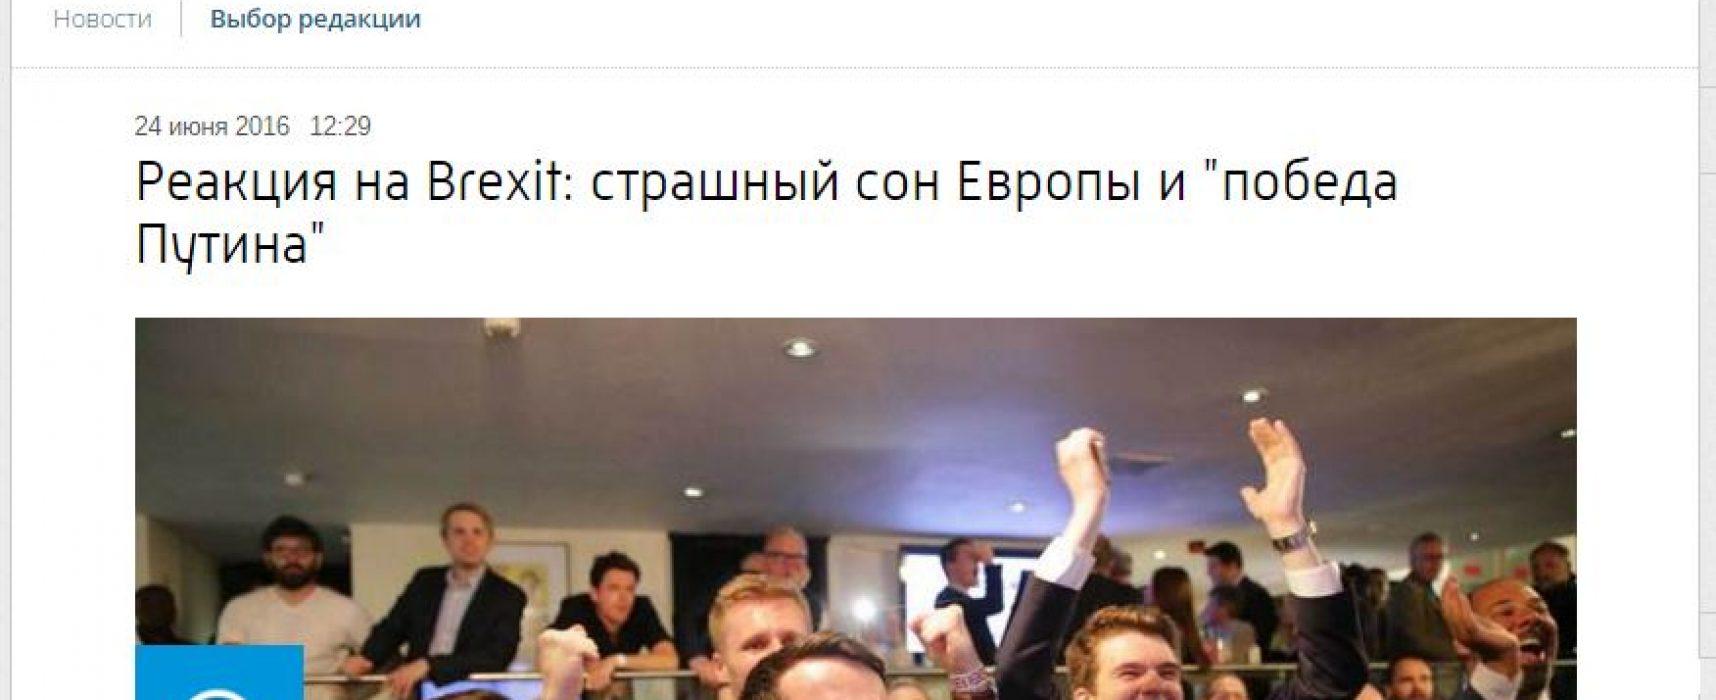 Brexit nei media russi: la vittoria di Putin e il disastro per l'Ucraina